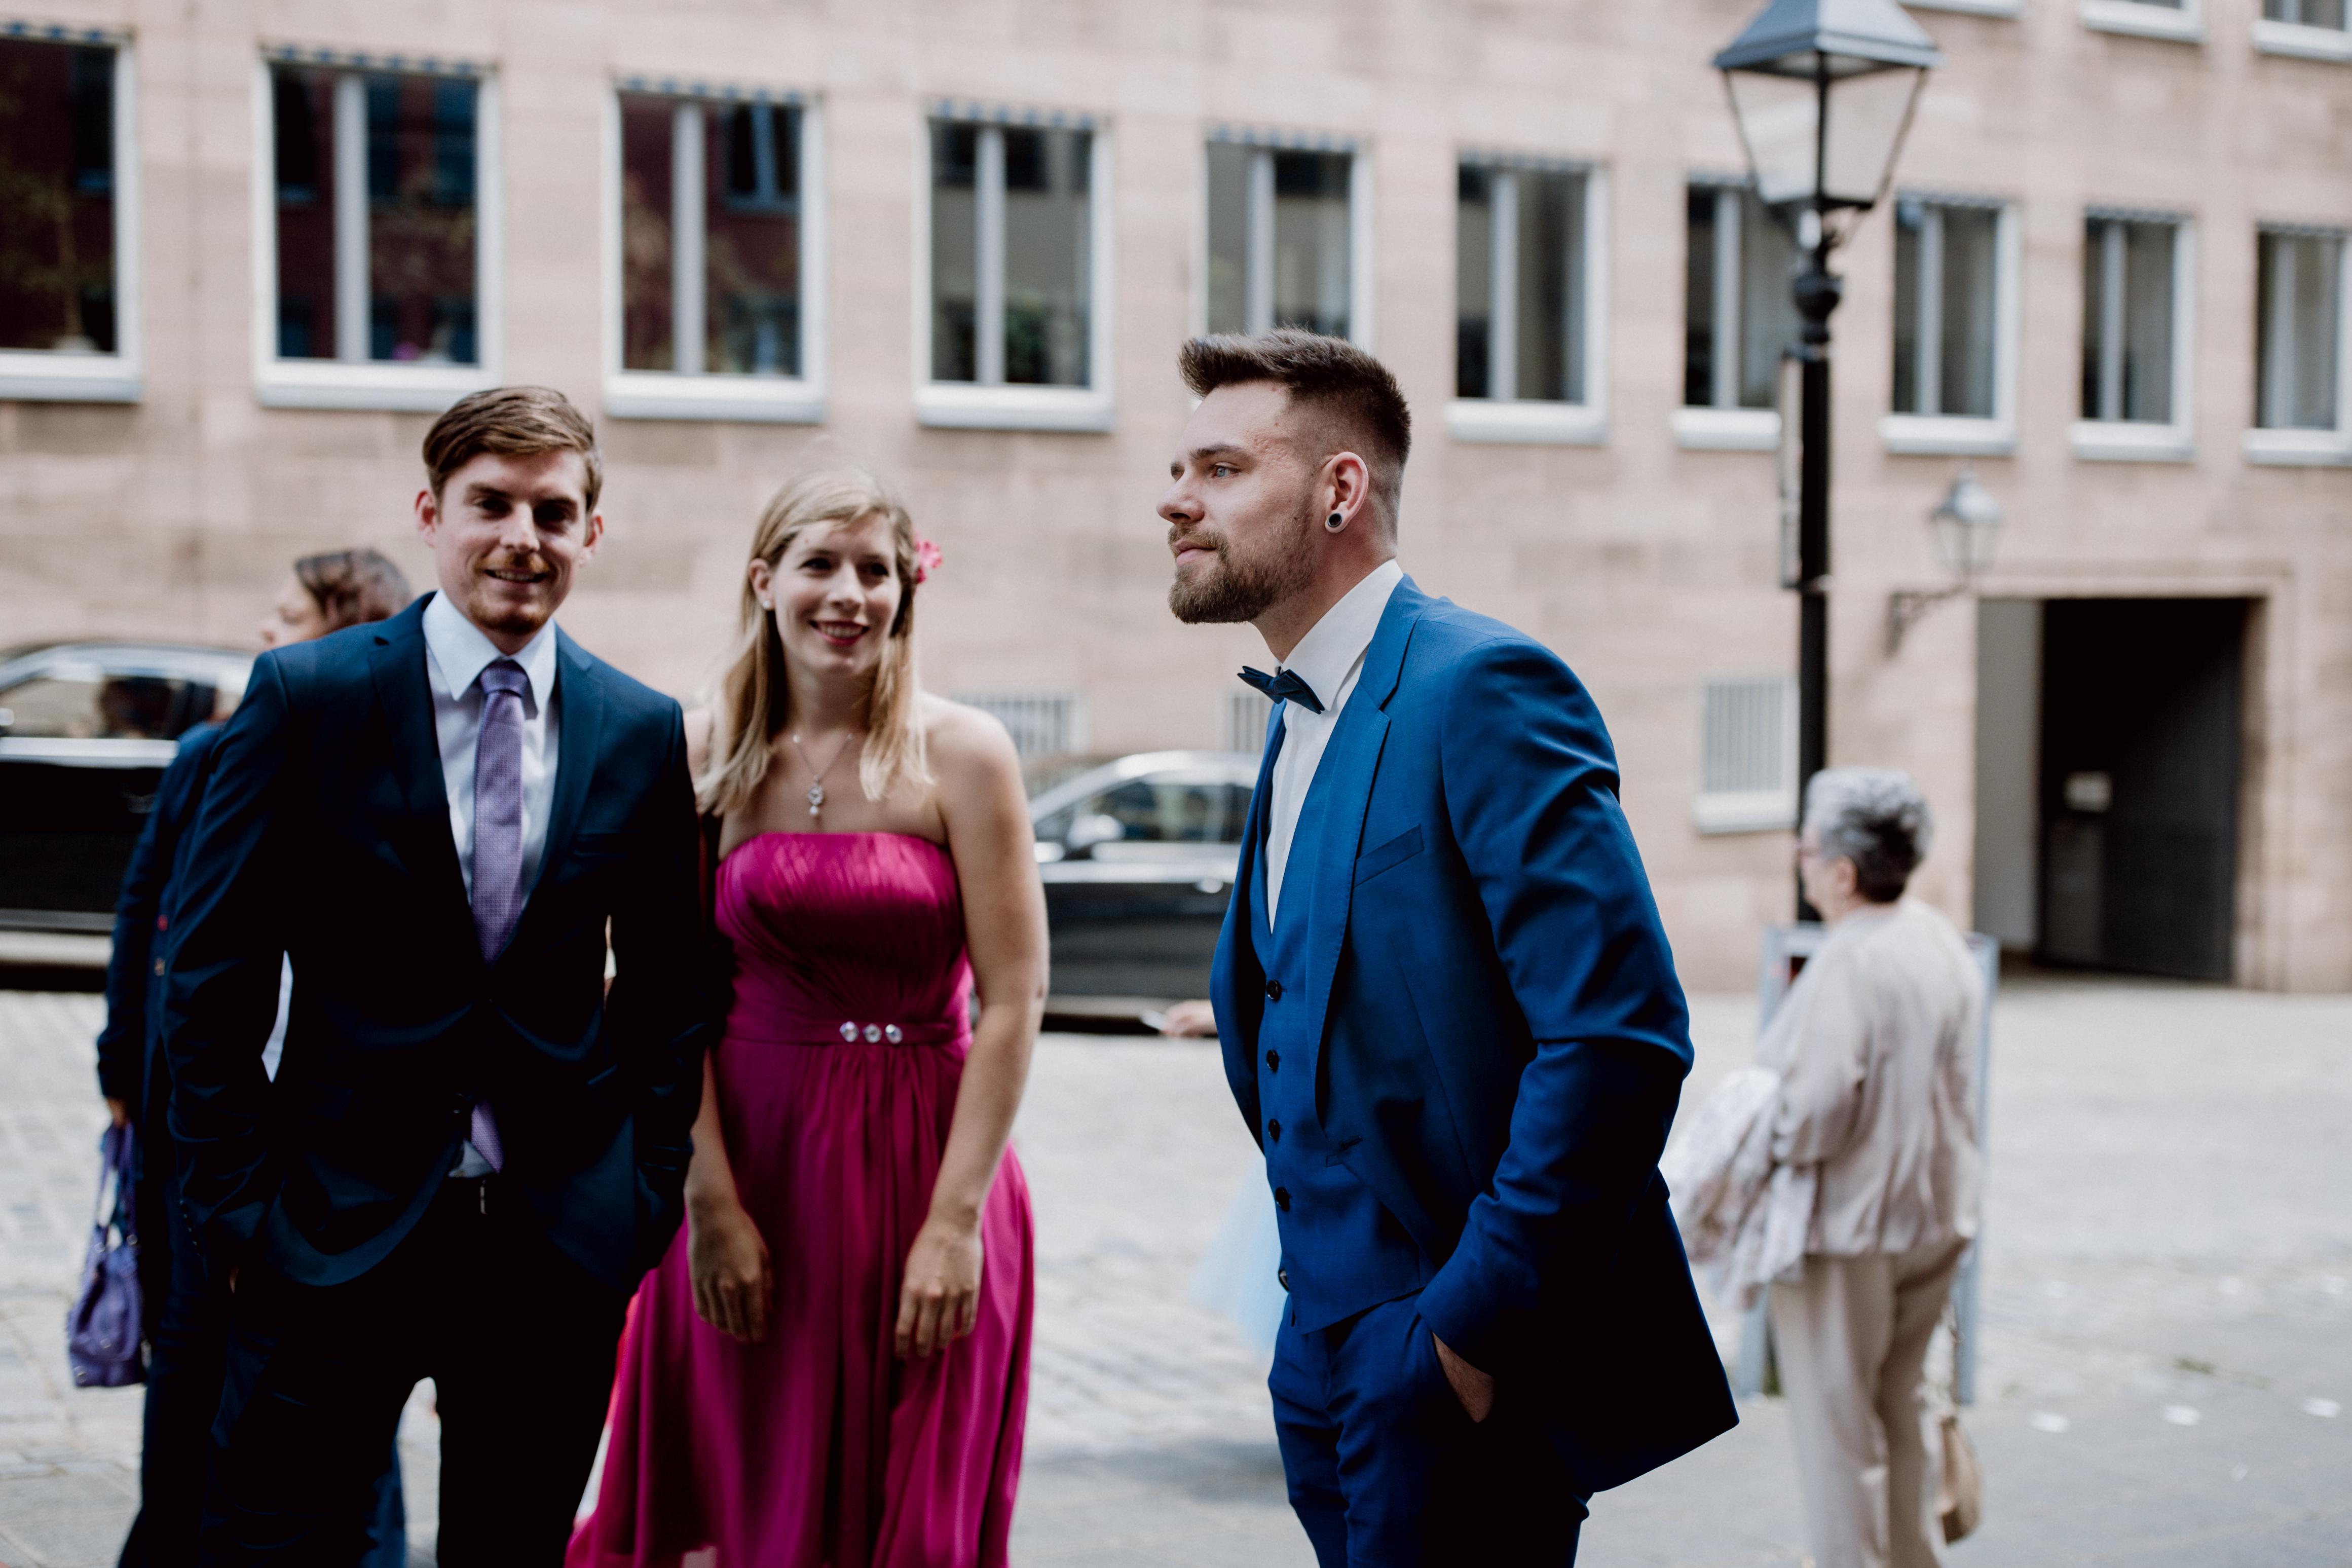 URBANERIE_Hochzeitsfotografin_Nürnberg_Fürth_Erlangen_Schwabach_170630_0001